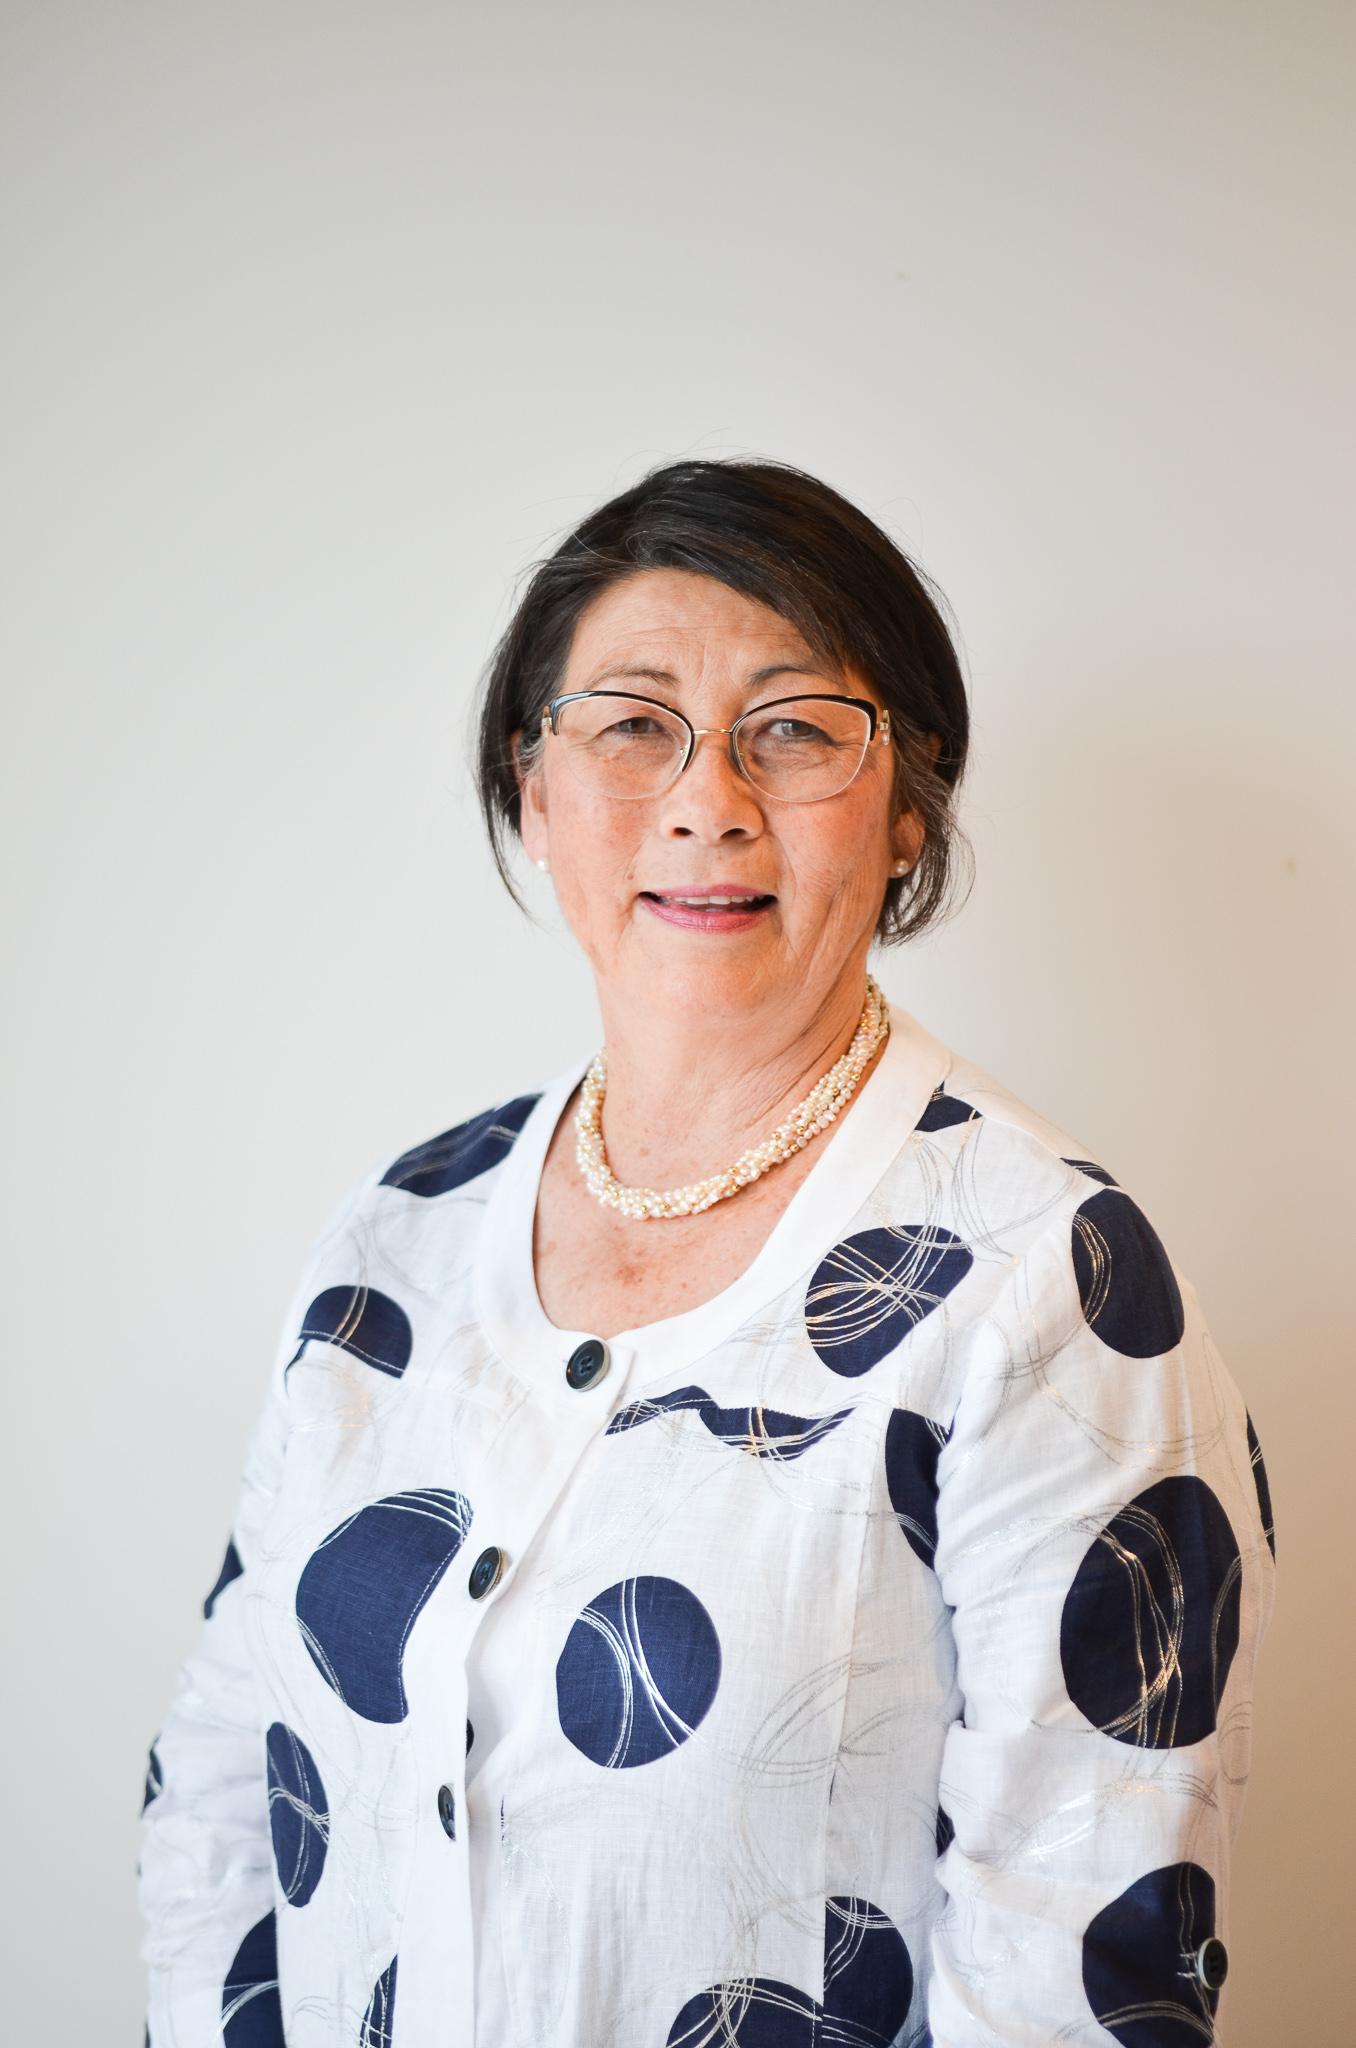 Maureen Coffey